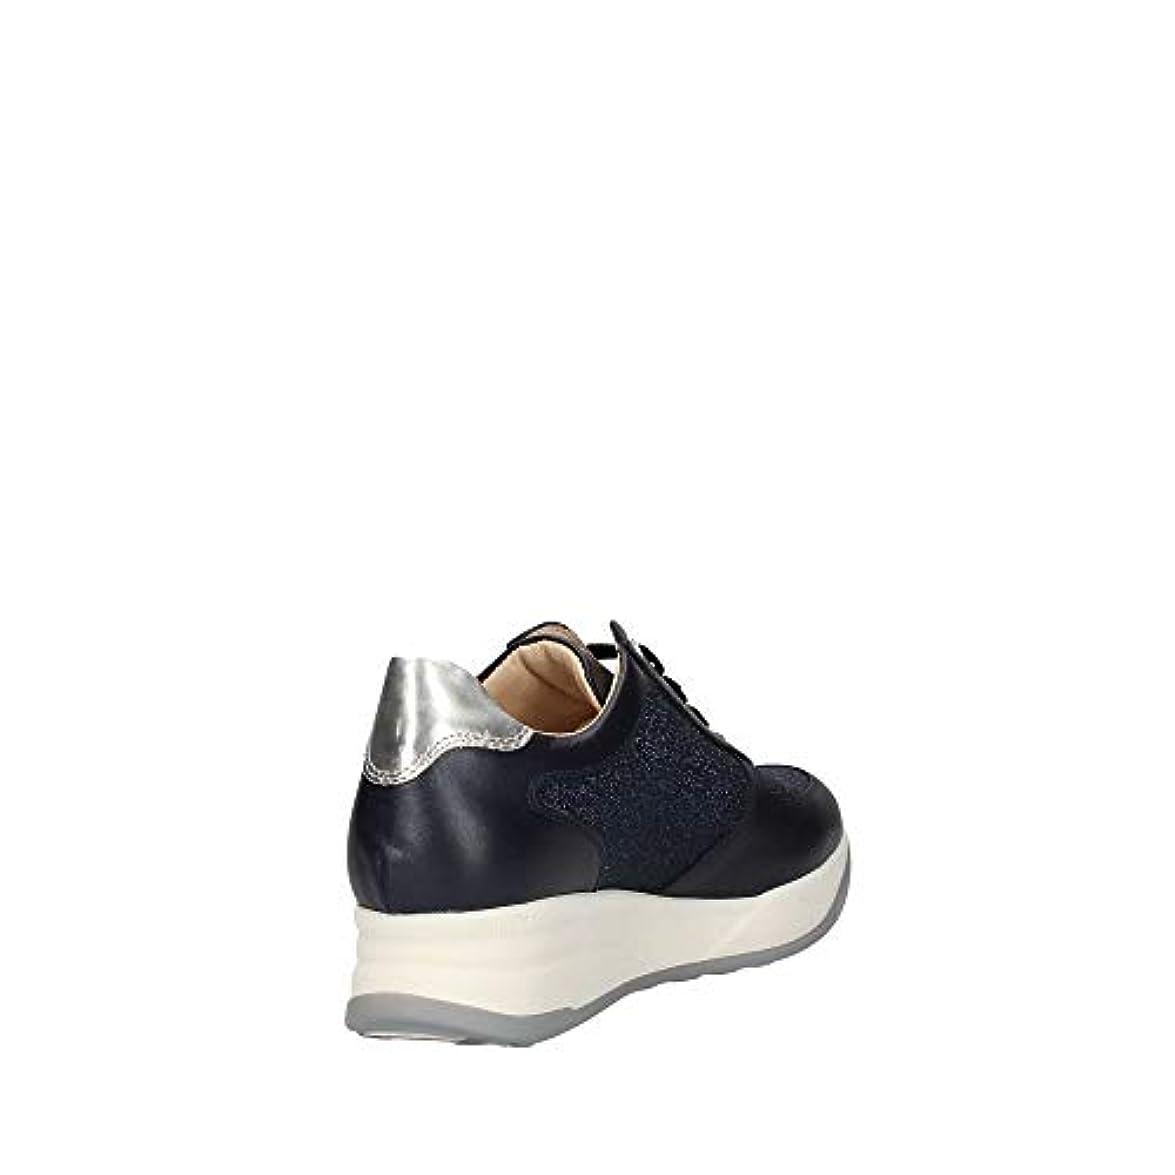 Liu-jo Girl L4a4-20377-0492 Sneakers Donna Blu 36